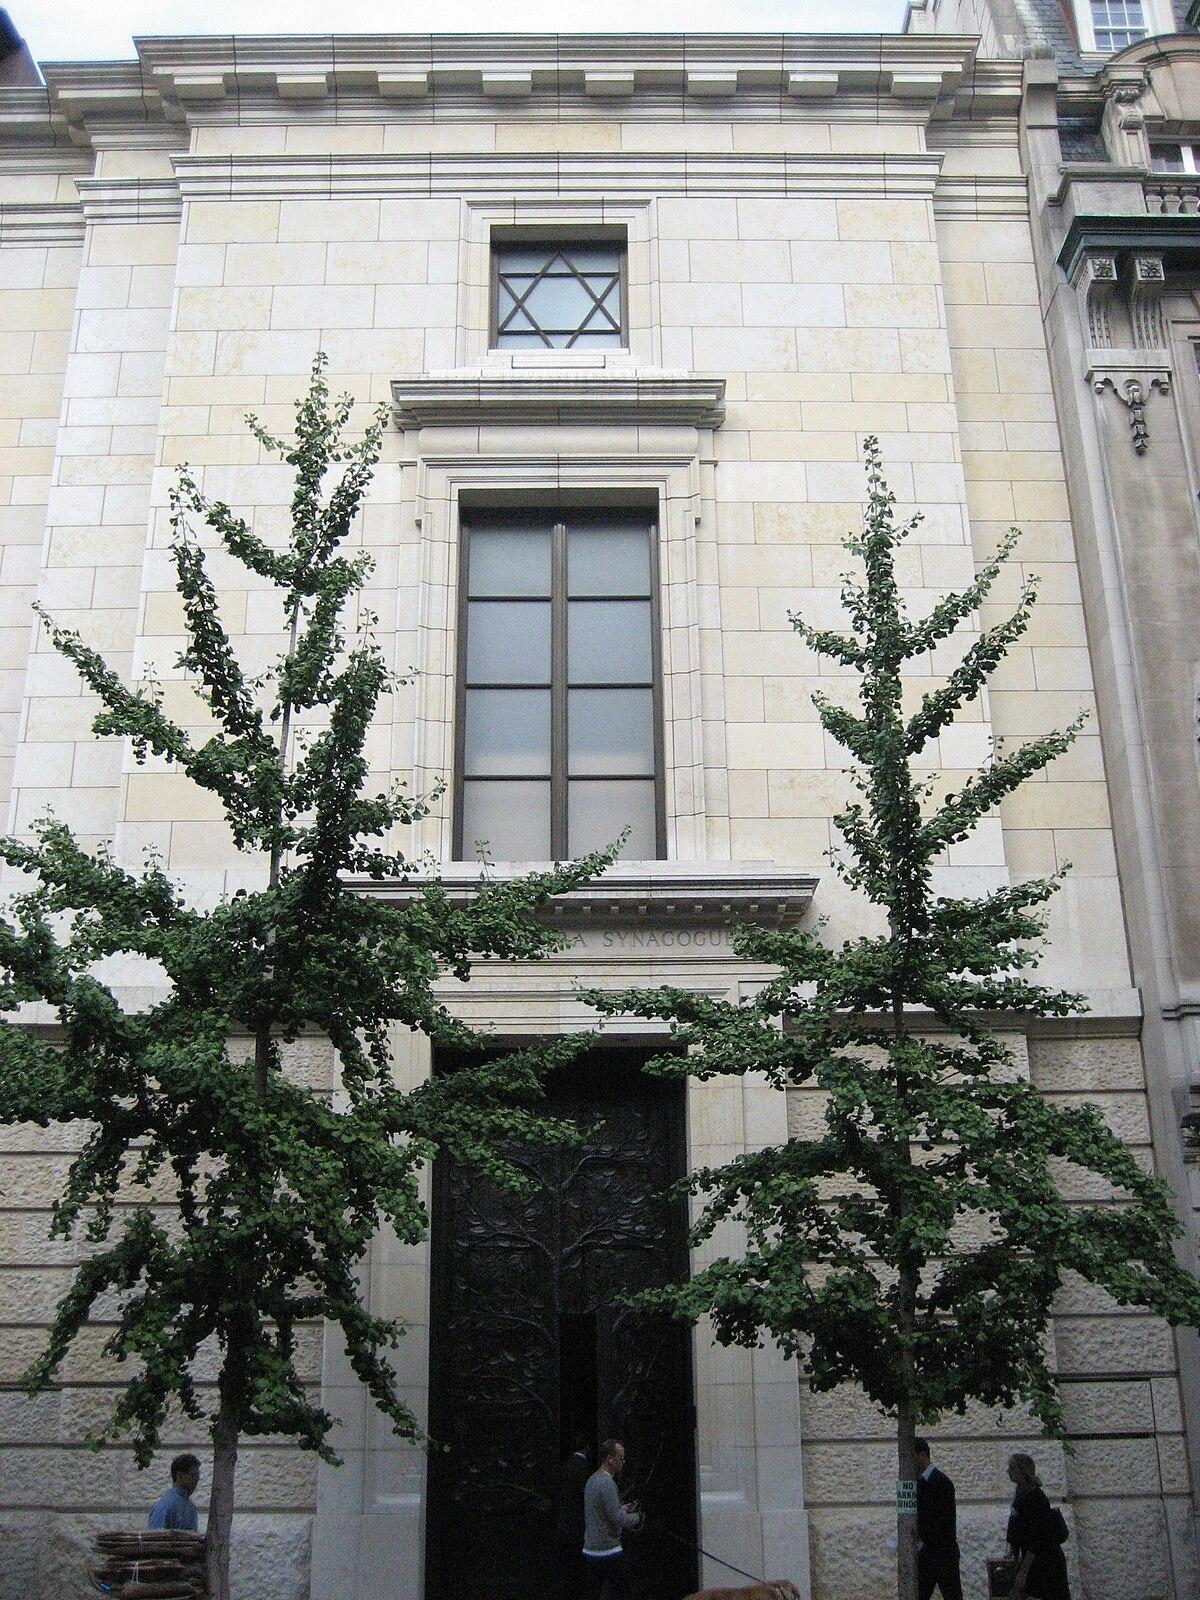 Edmond j safra synagogue